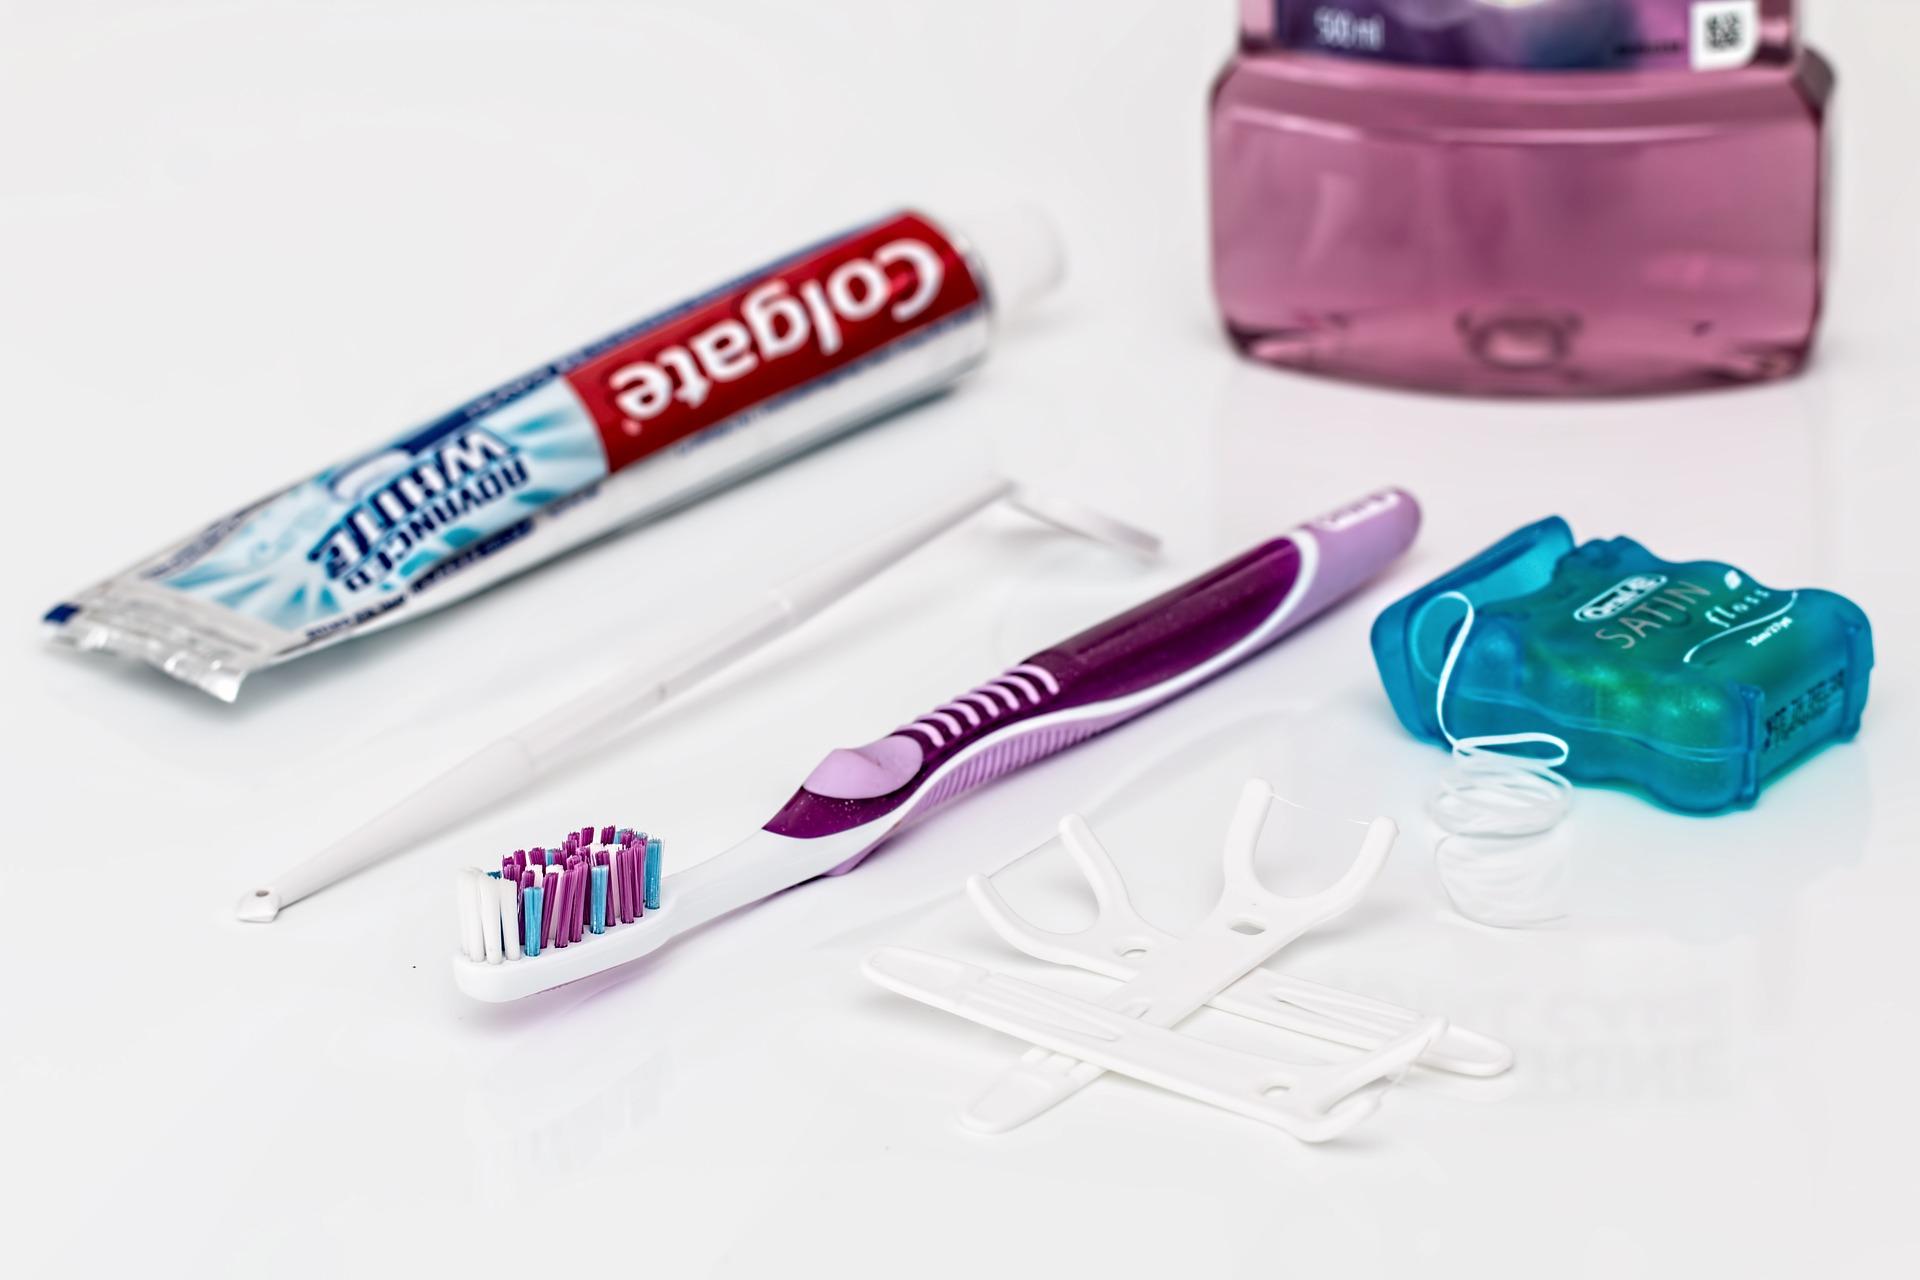 Mundhygiene-Tipp 1: Mundspülung anwenden